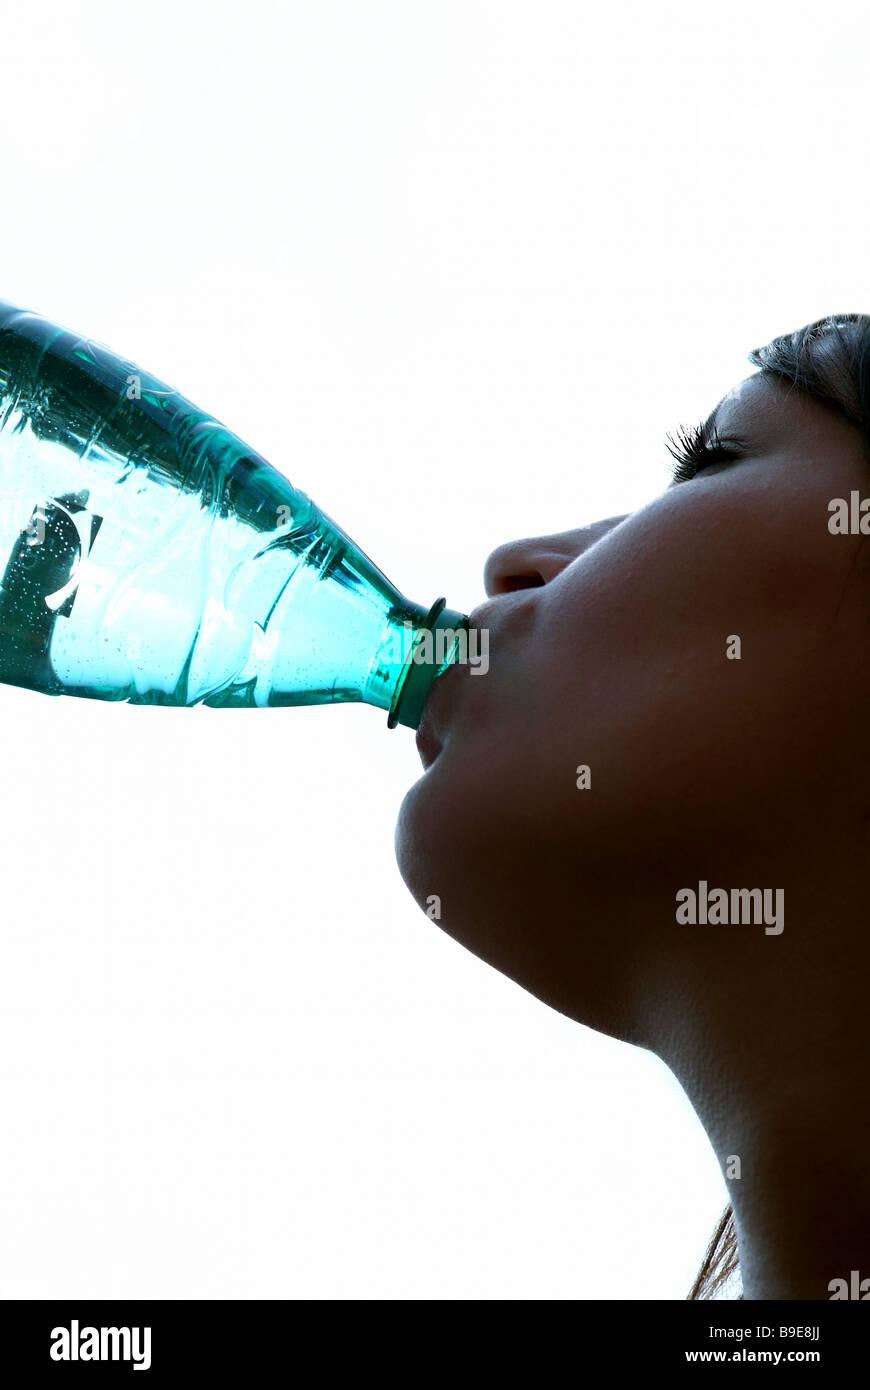 Mujer de beber agua de una botella Imagen De Stock